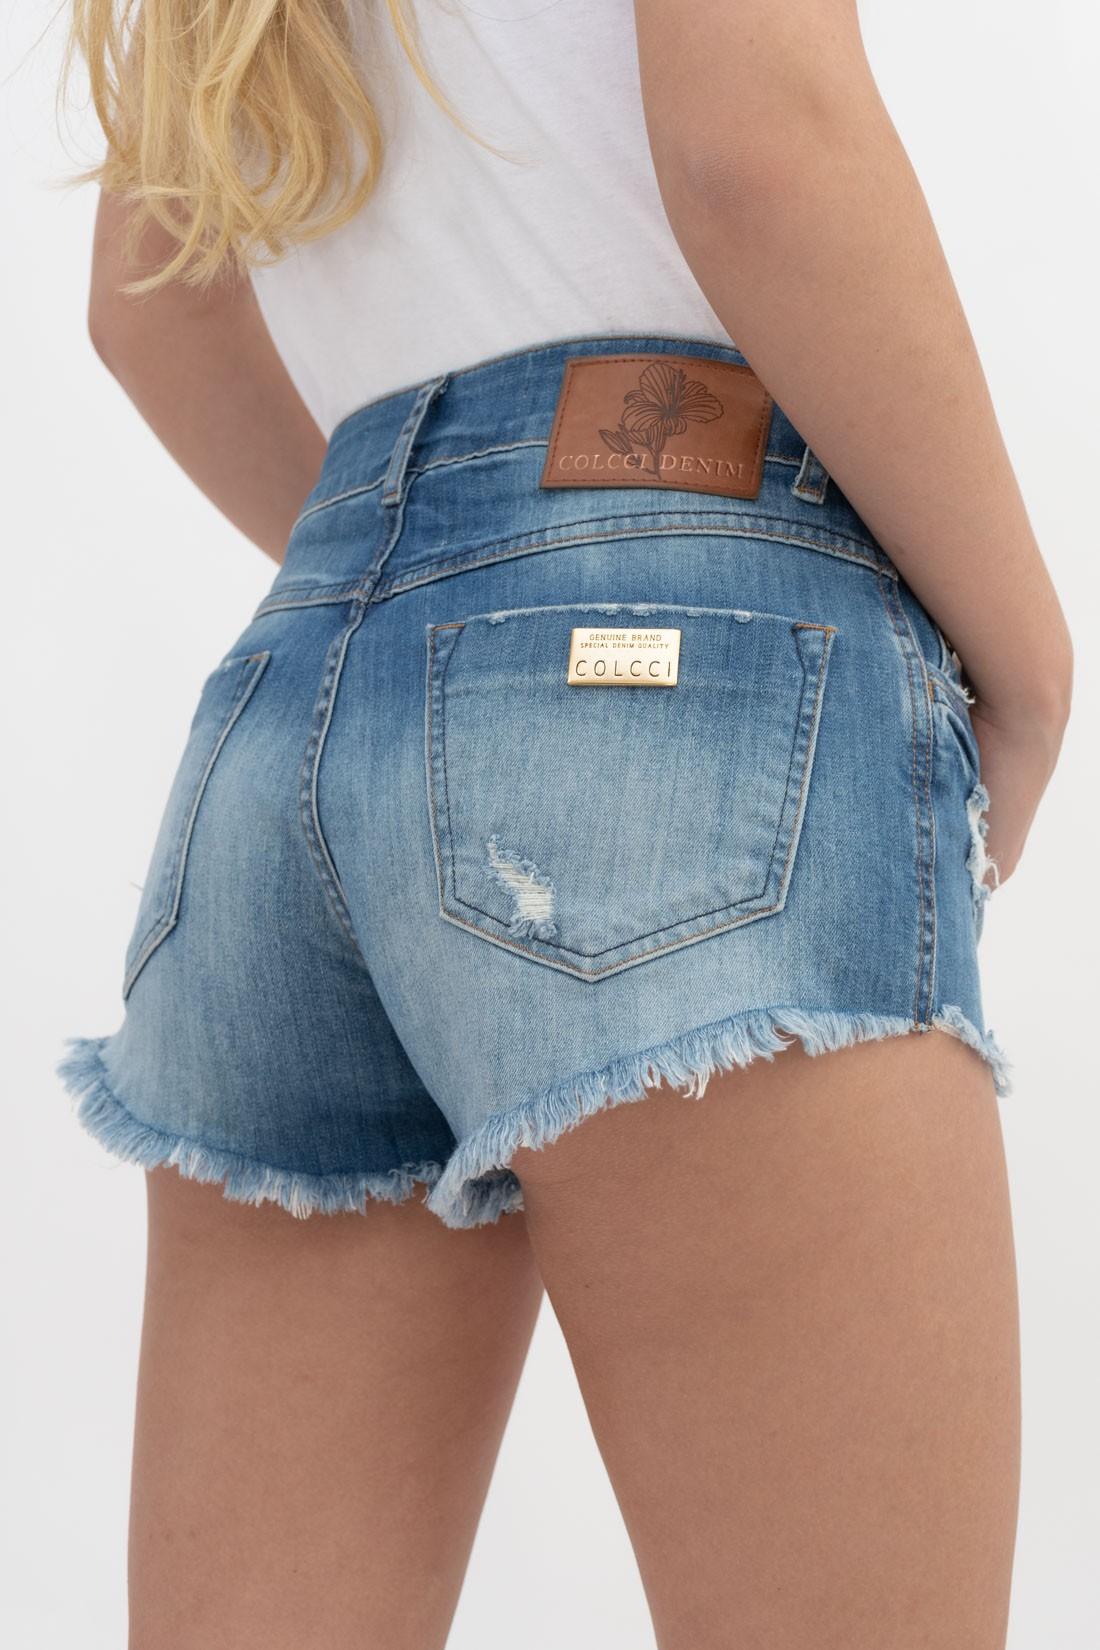 Shorts Colcci Boyish